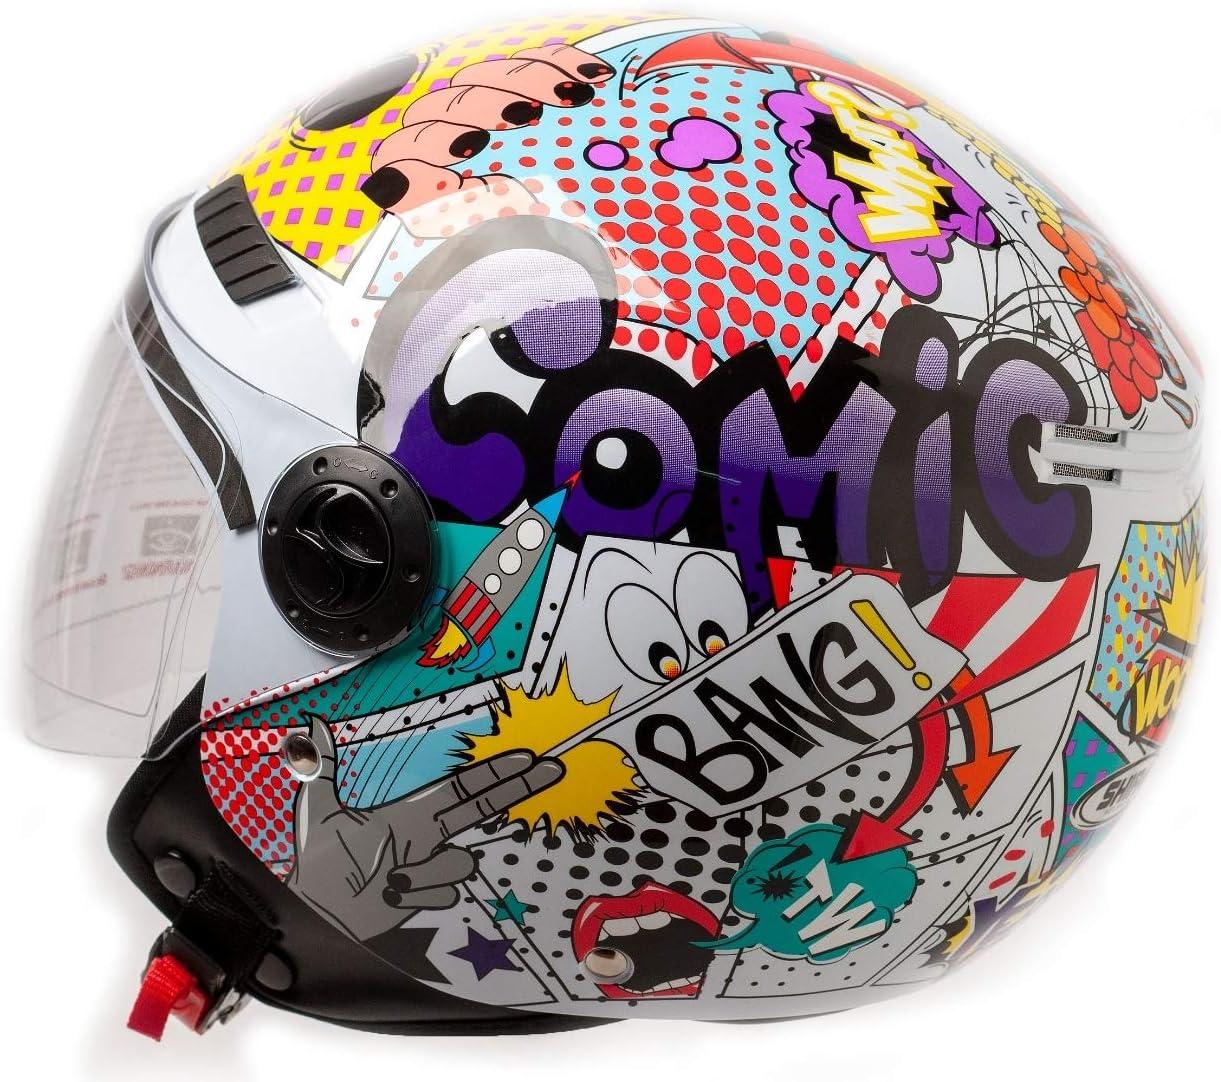 Shiro CASCO SH62 COMIC S